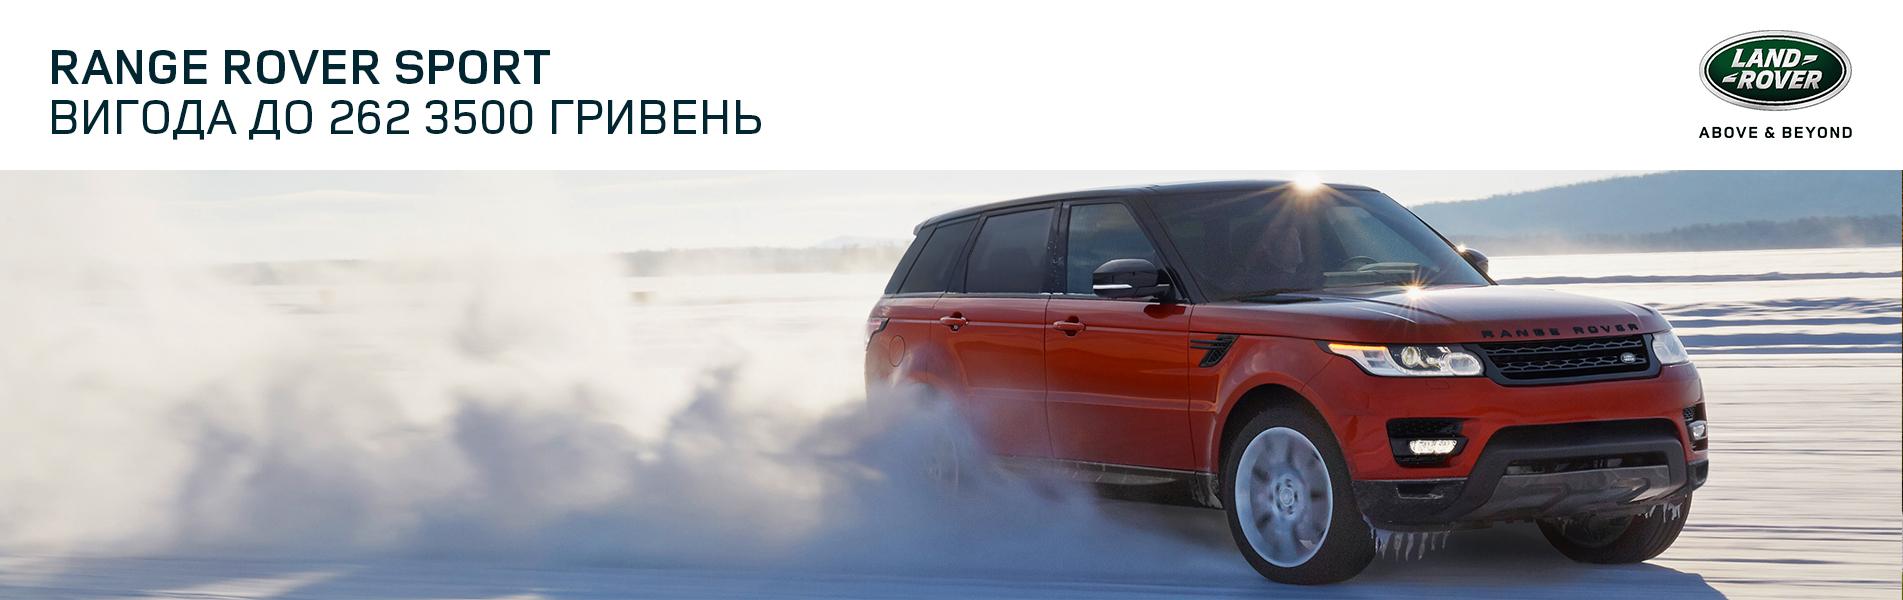 Спеціальна цінова пропозиція на Land Rover Range Rover Sport - офіційний представник Winner в Україні